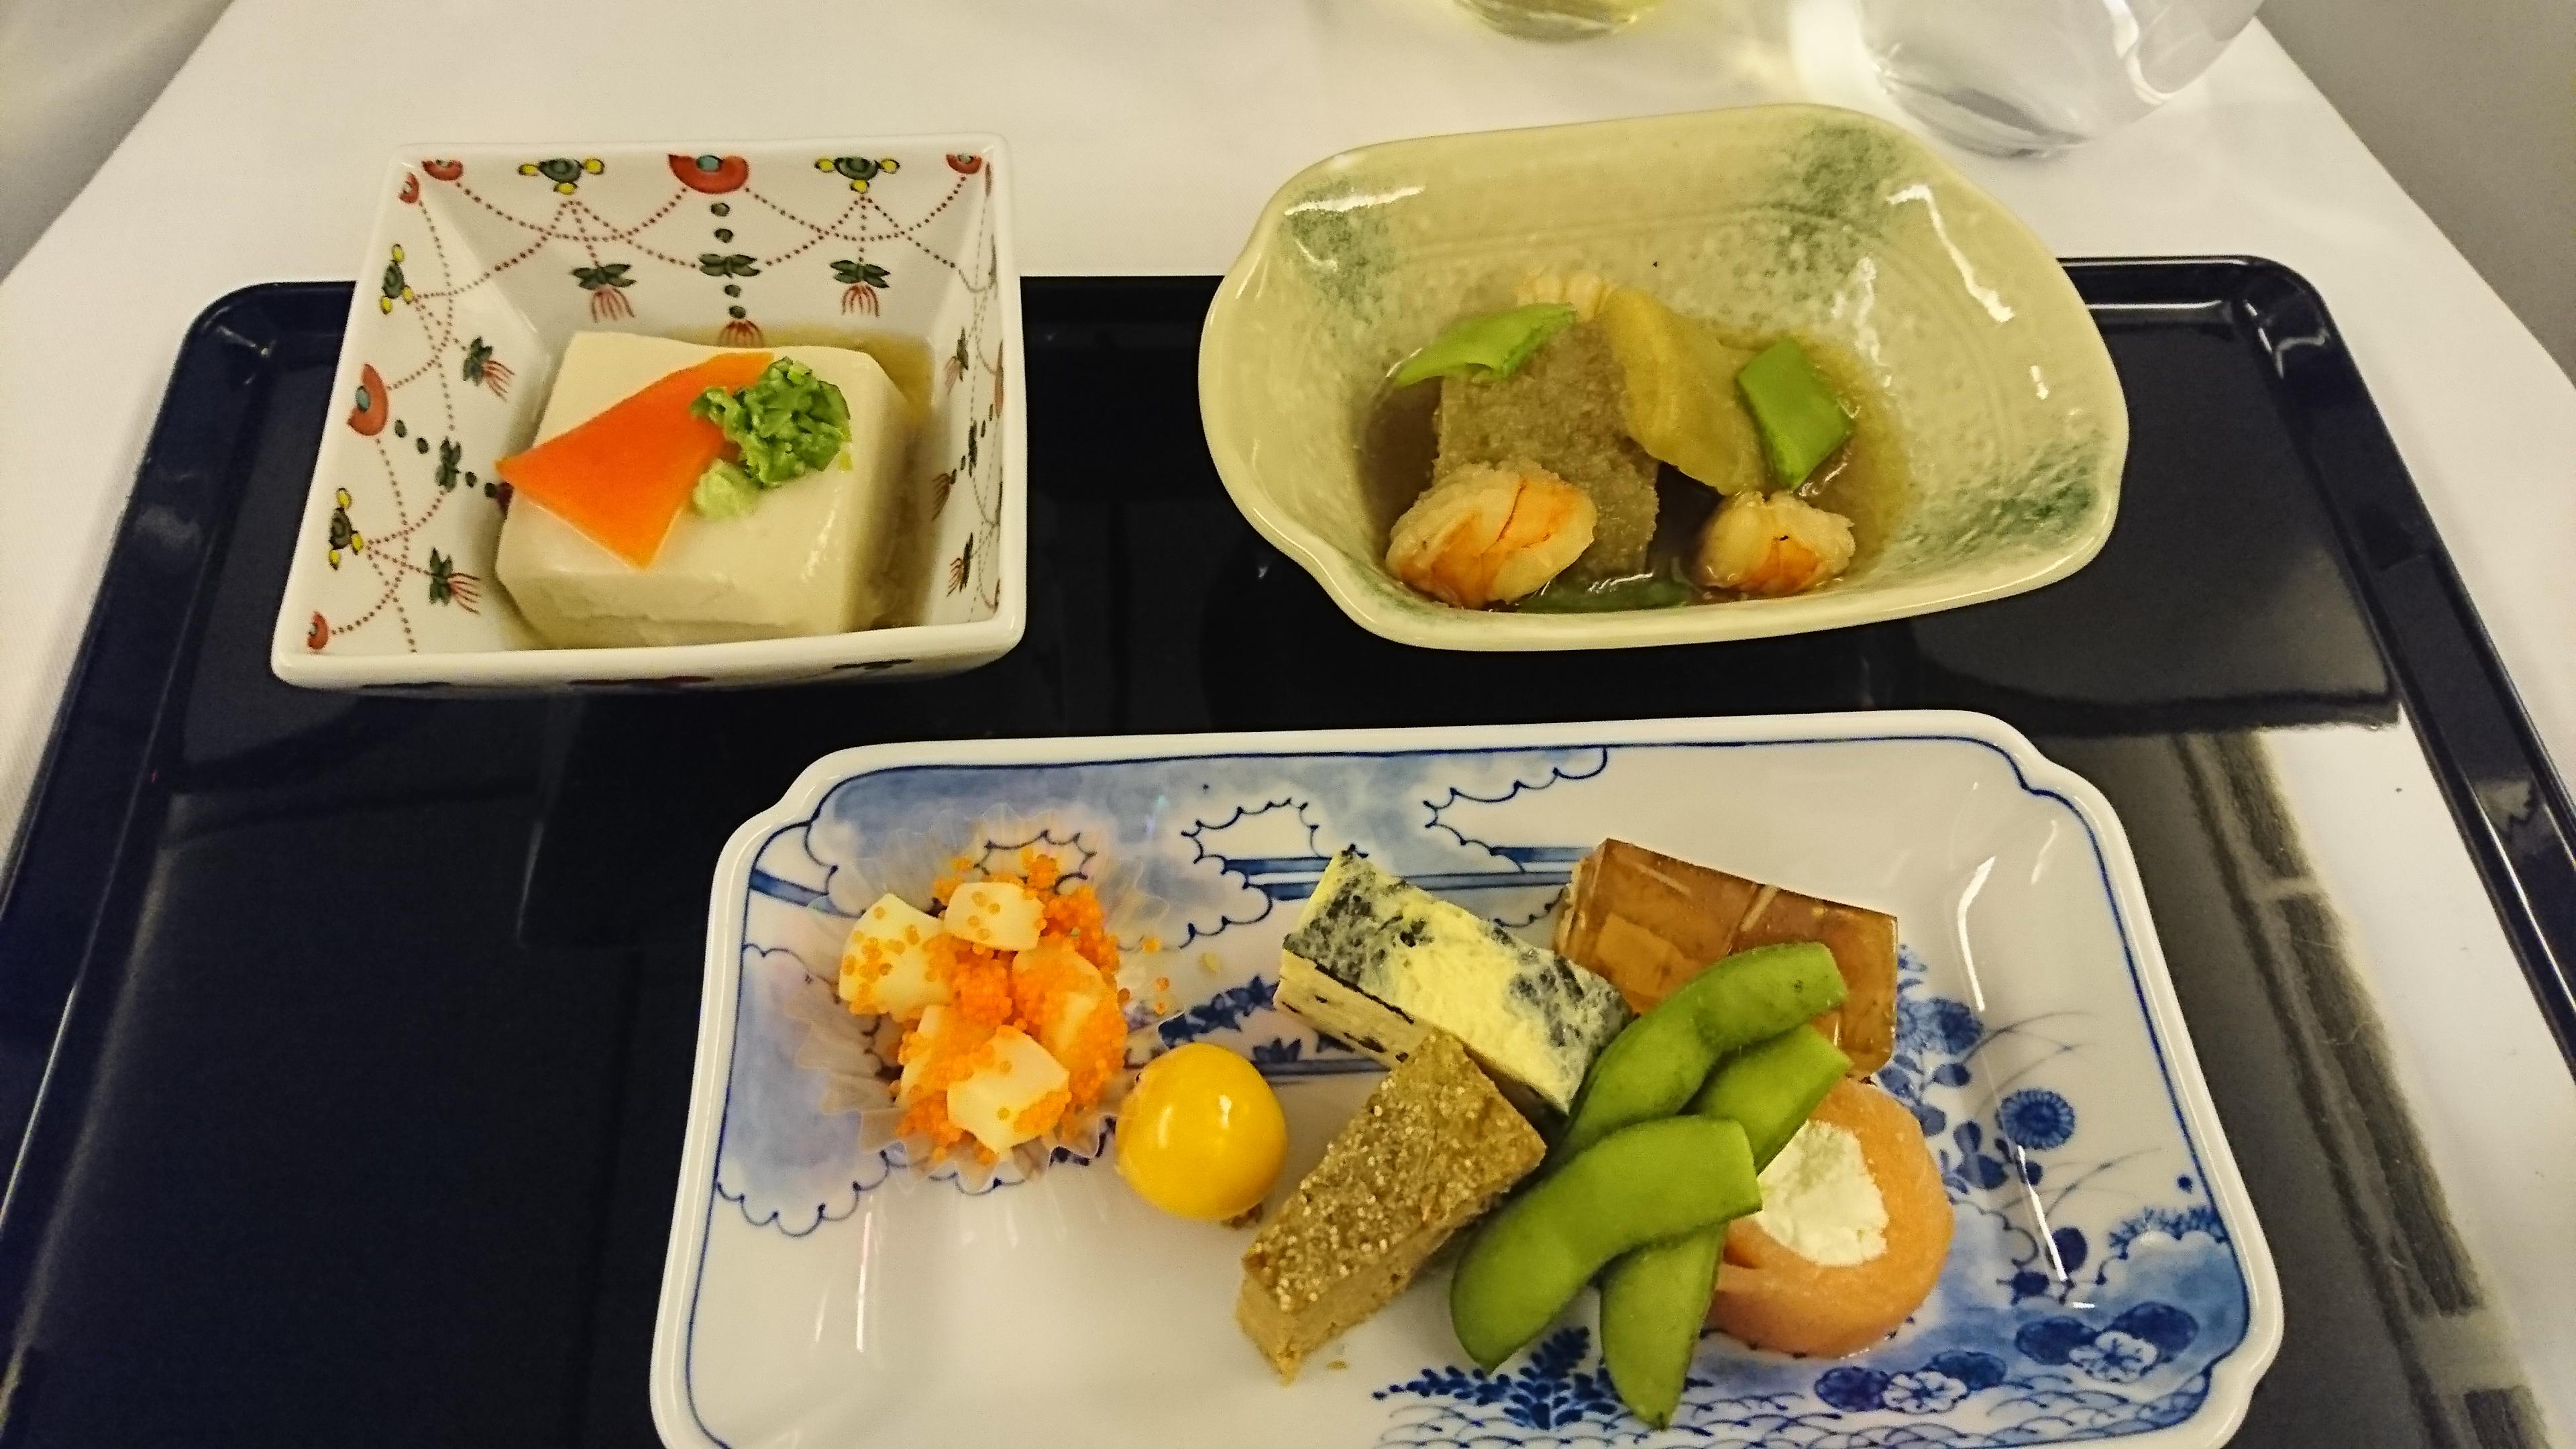 ANAビジネスクラス機内食和食のメニュー